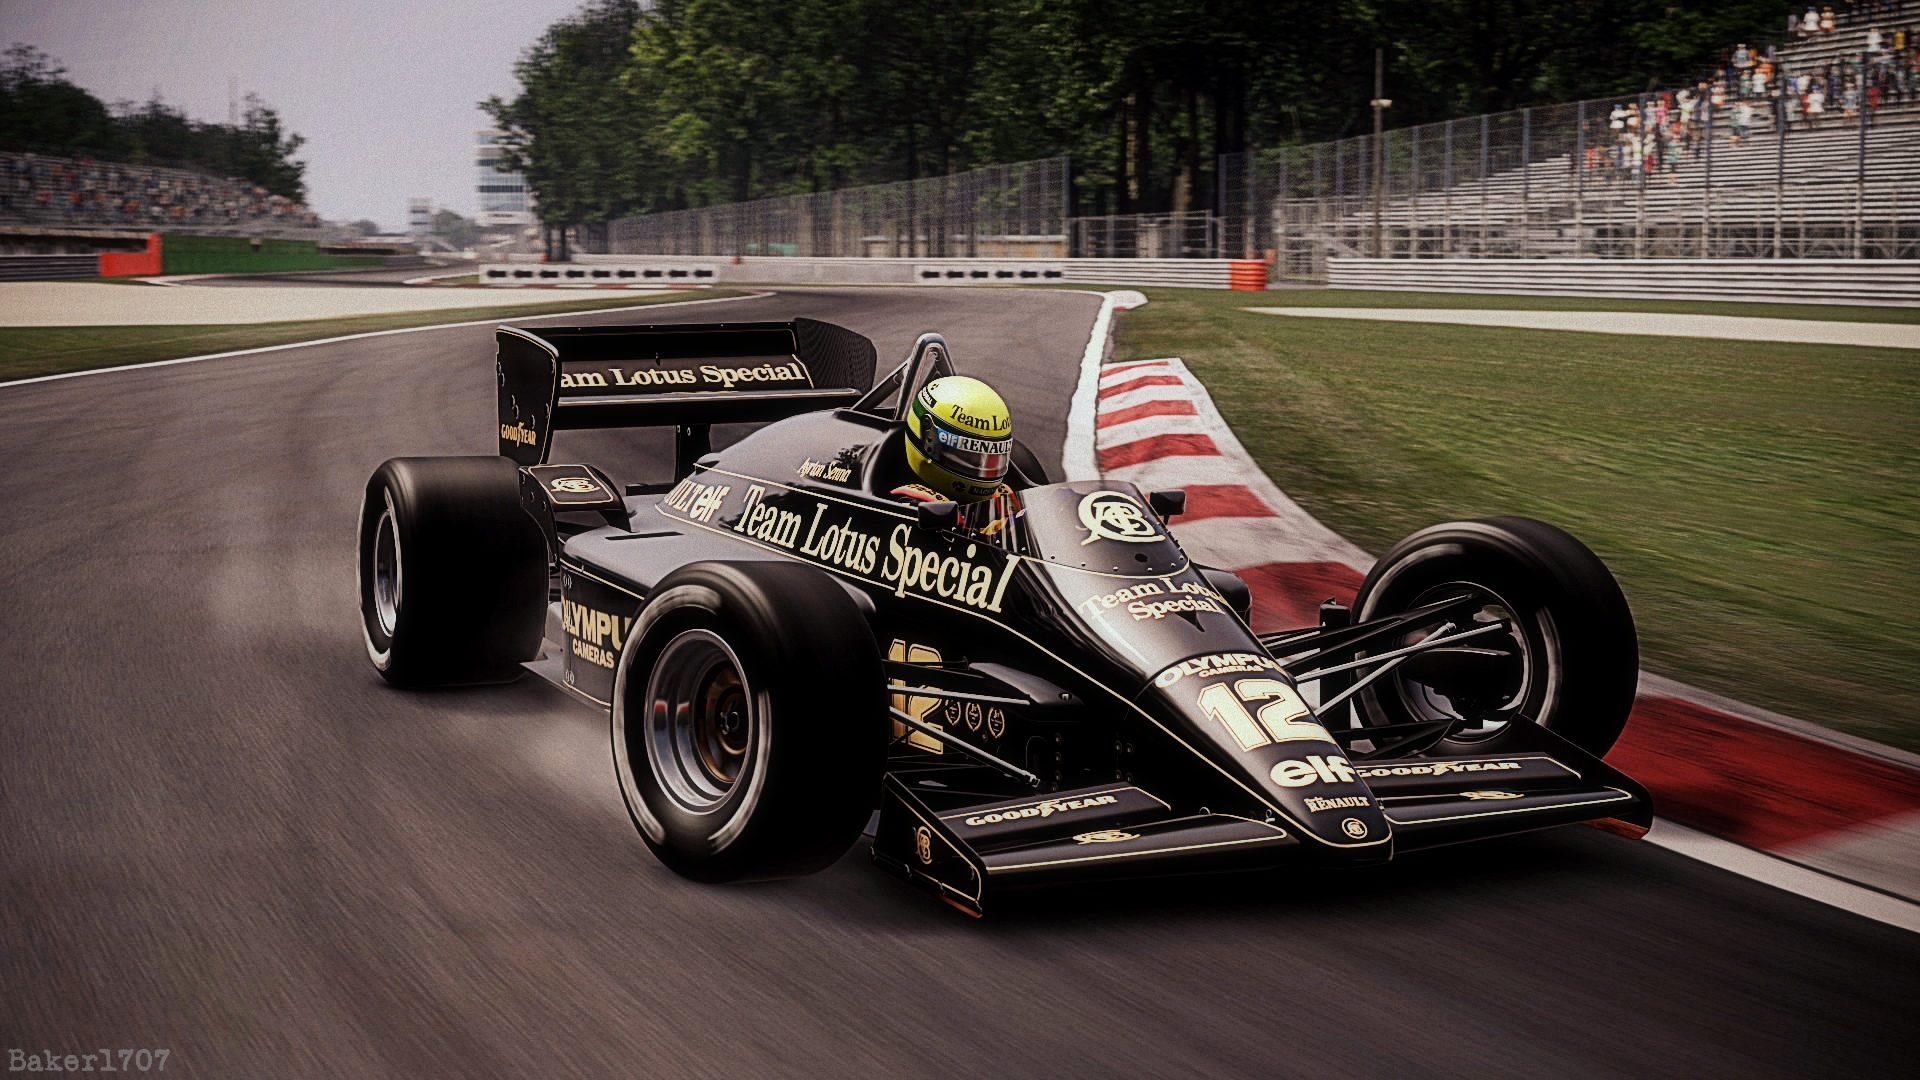 Autodromo Nazionale Monza '80s_32 edit.jpg